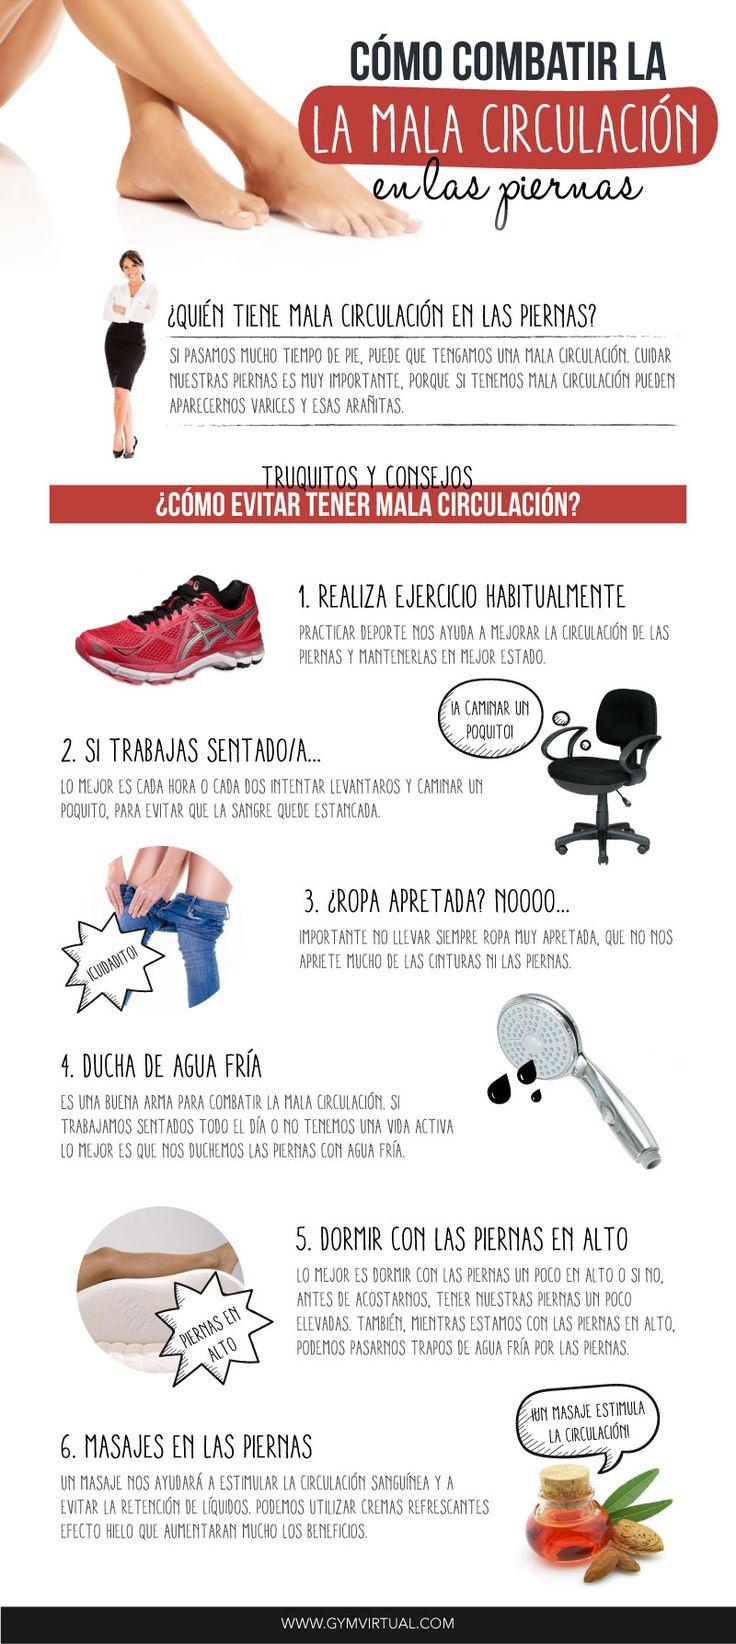 aliviar los problemas de circulación en las piernas